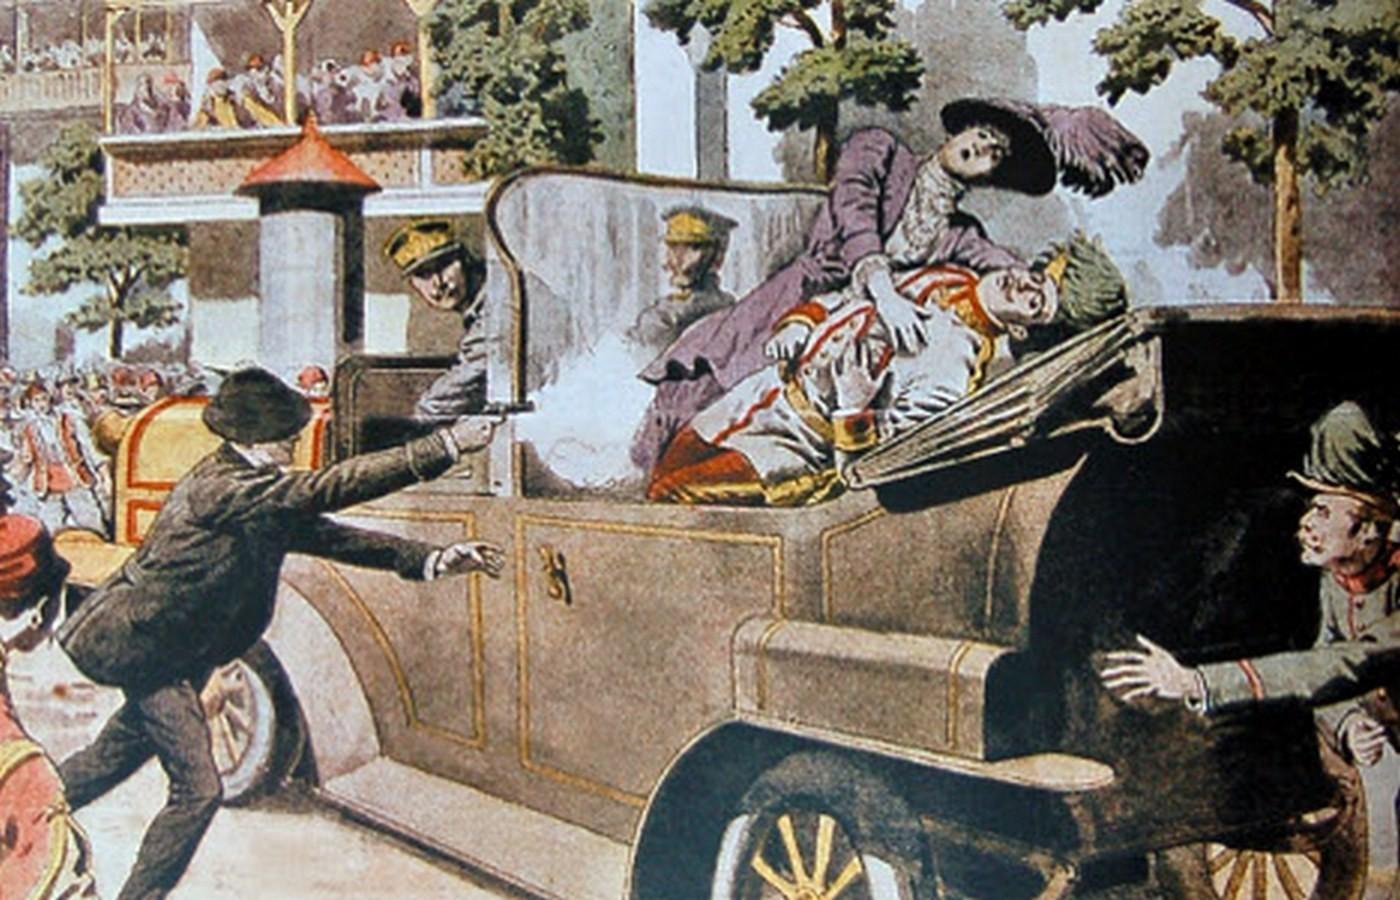 Атентатот на австријскиот престолонаследник Франц Фердинанд (1863-1914) и неговата сопруга Софија (1868-1914) 28 јуни 1914.